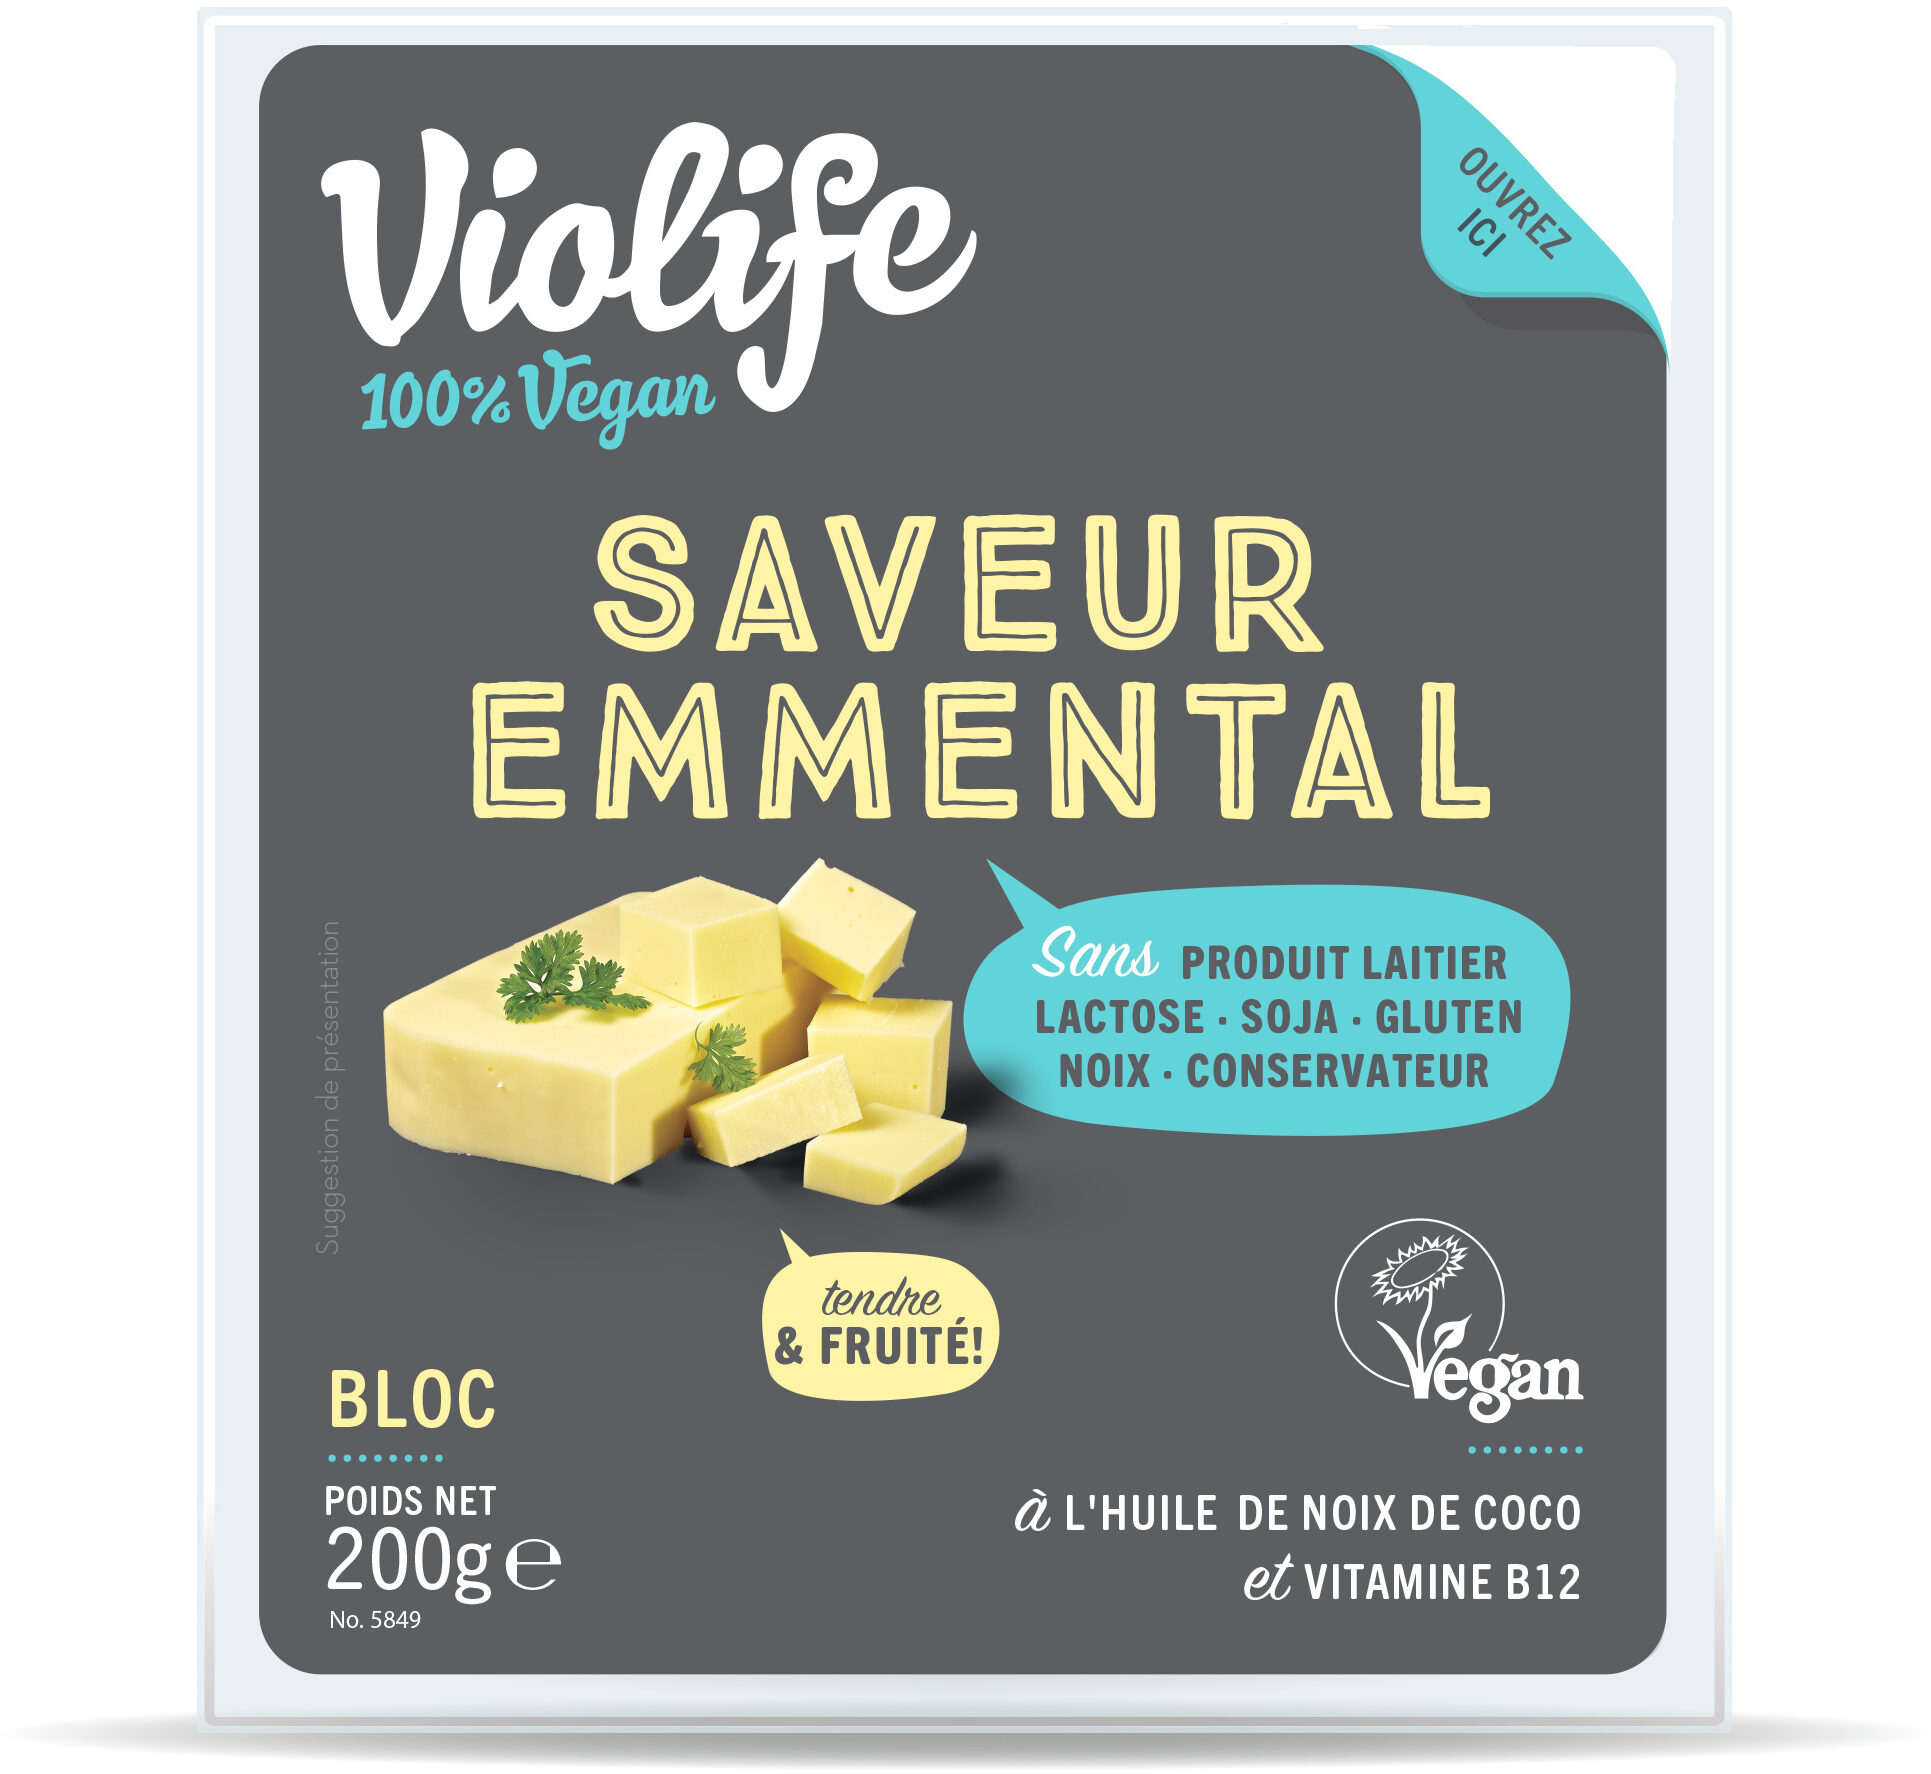 Bloc saveur Emmental - Product - fr